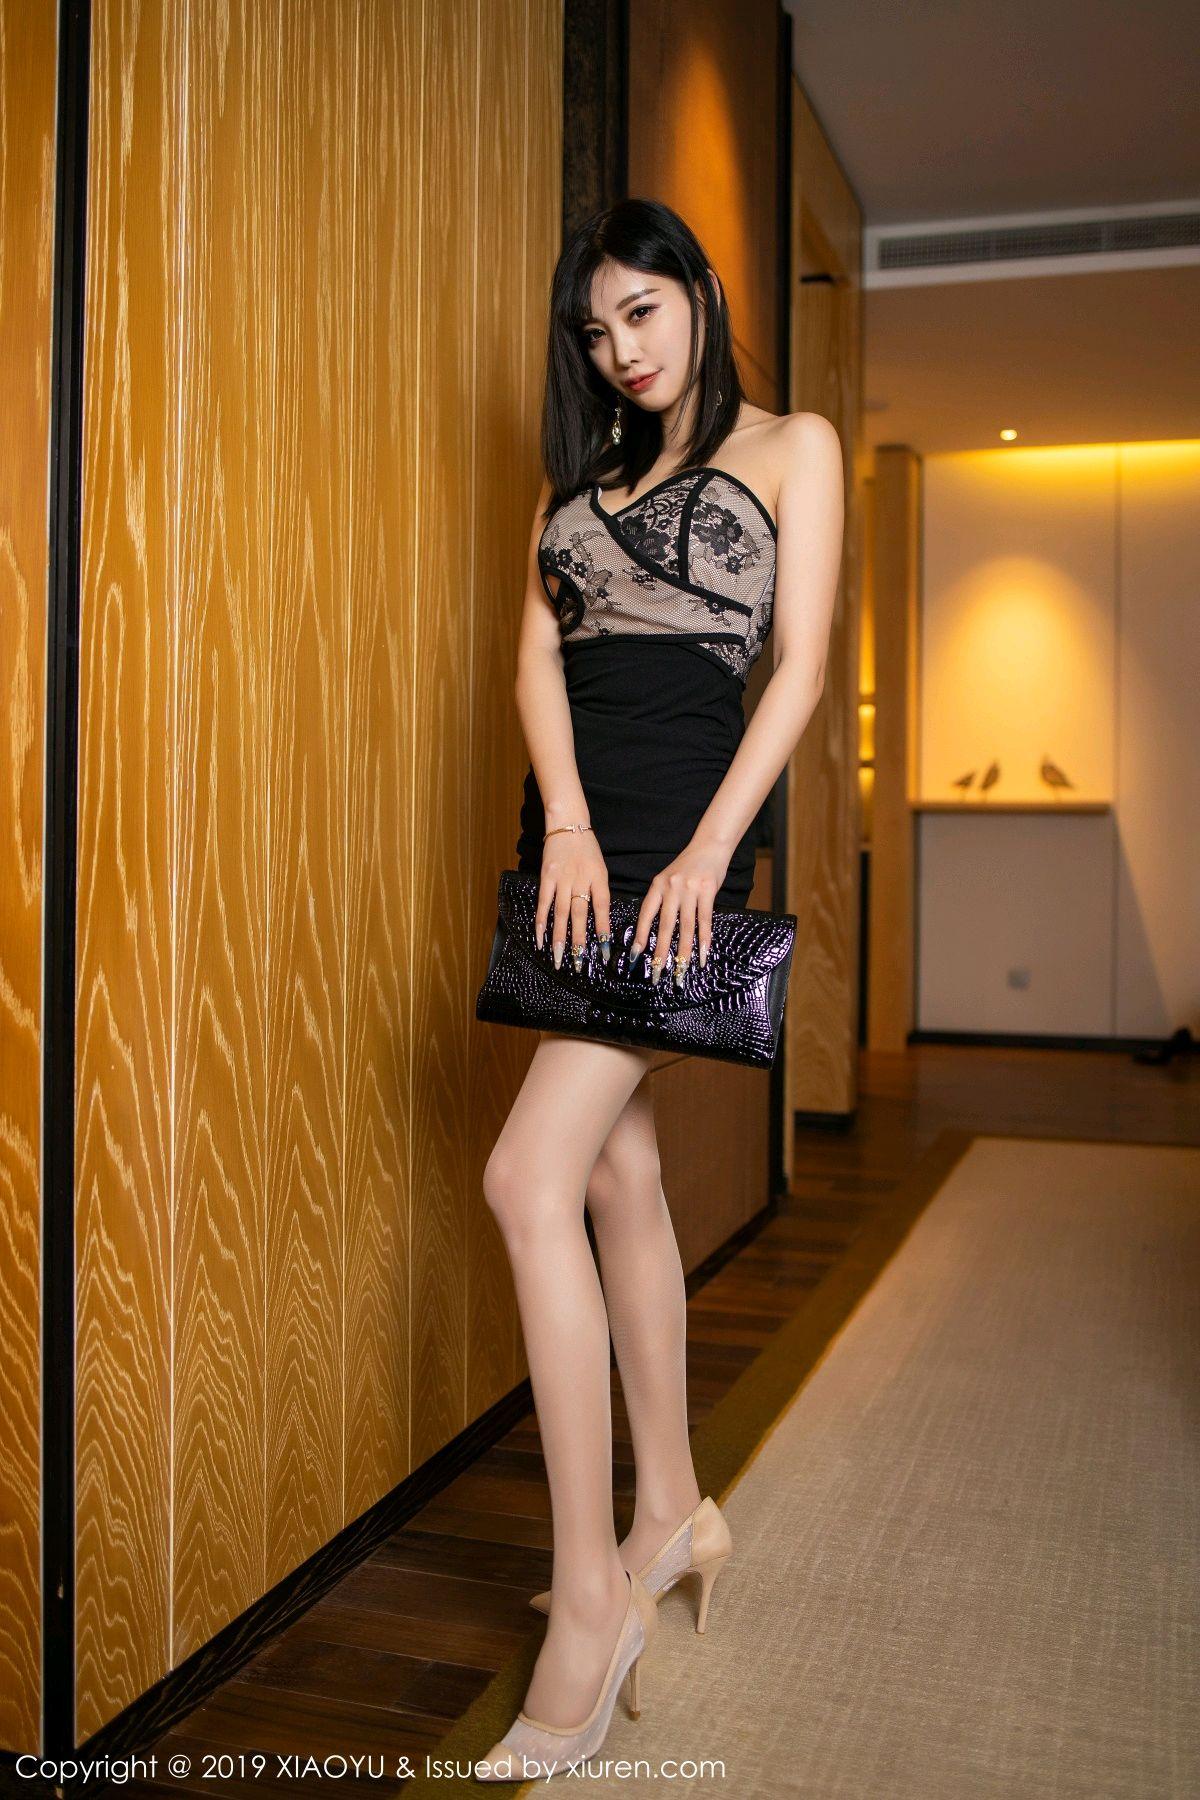 [XiaoYu] Vol.209 Yang Chen Chen 6P, Underwear, XiaoYu, Yang Chen Chen